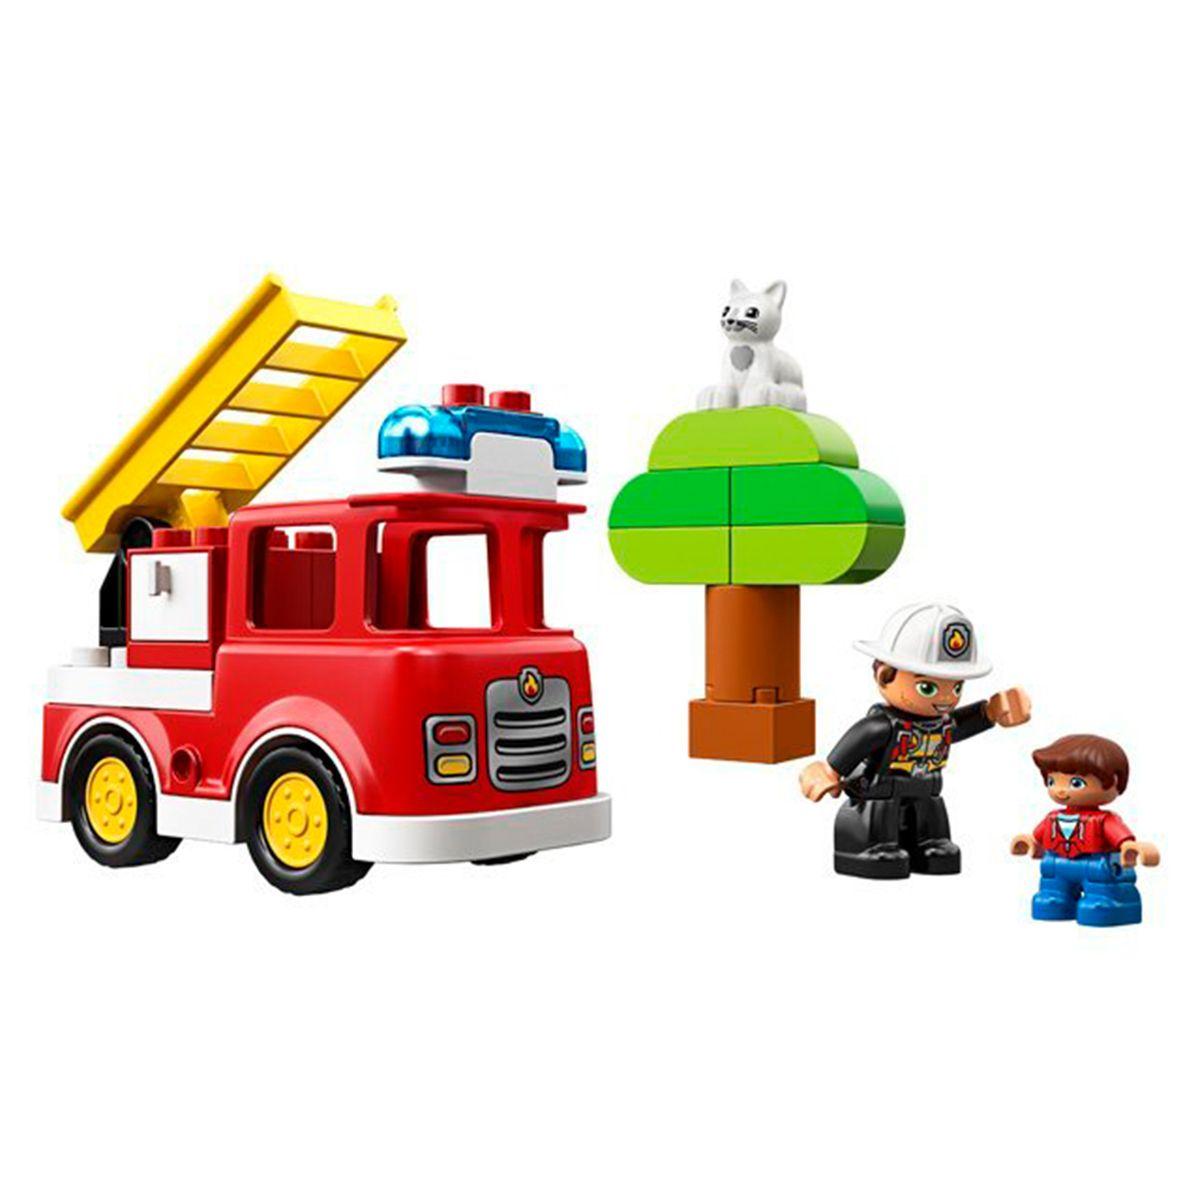 משאית כיבוי אש (גילאים 2+)